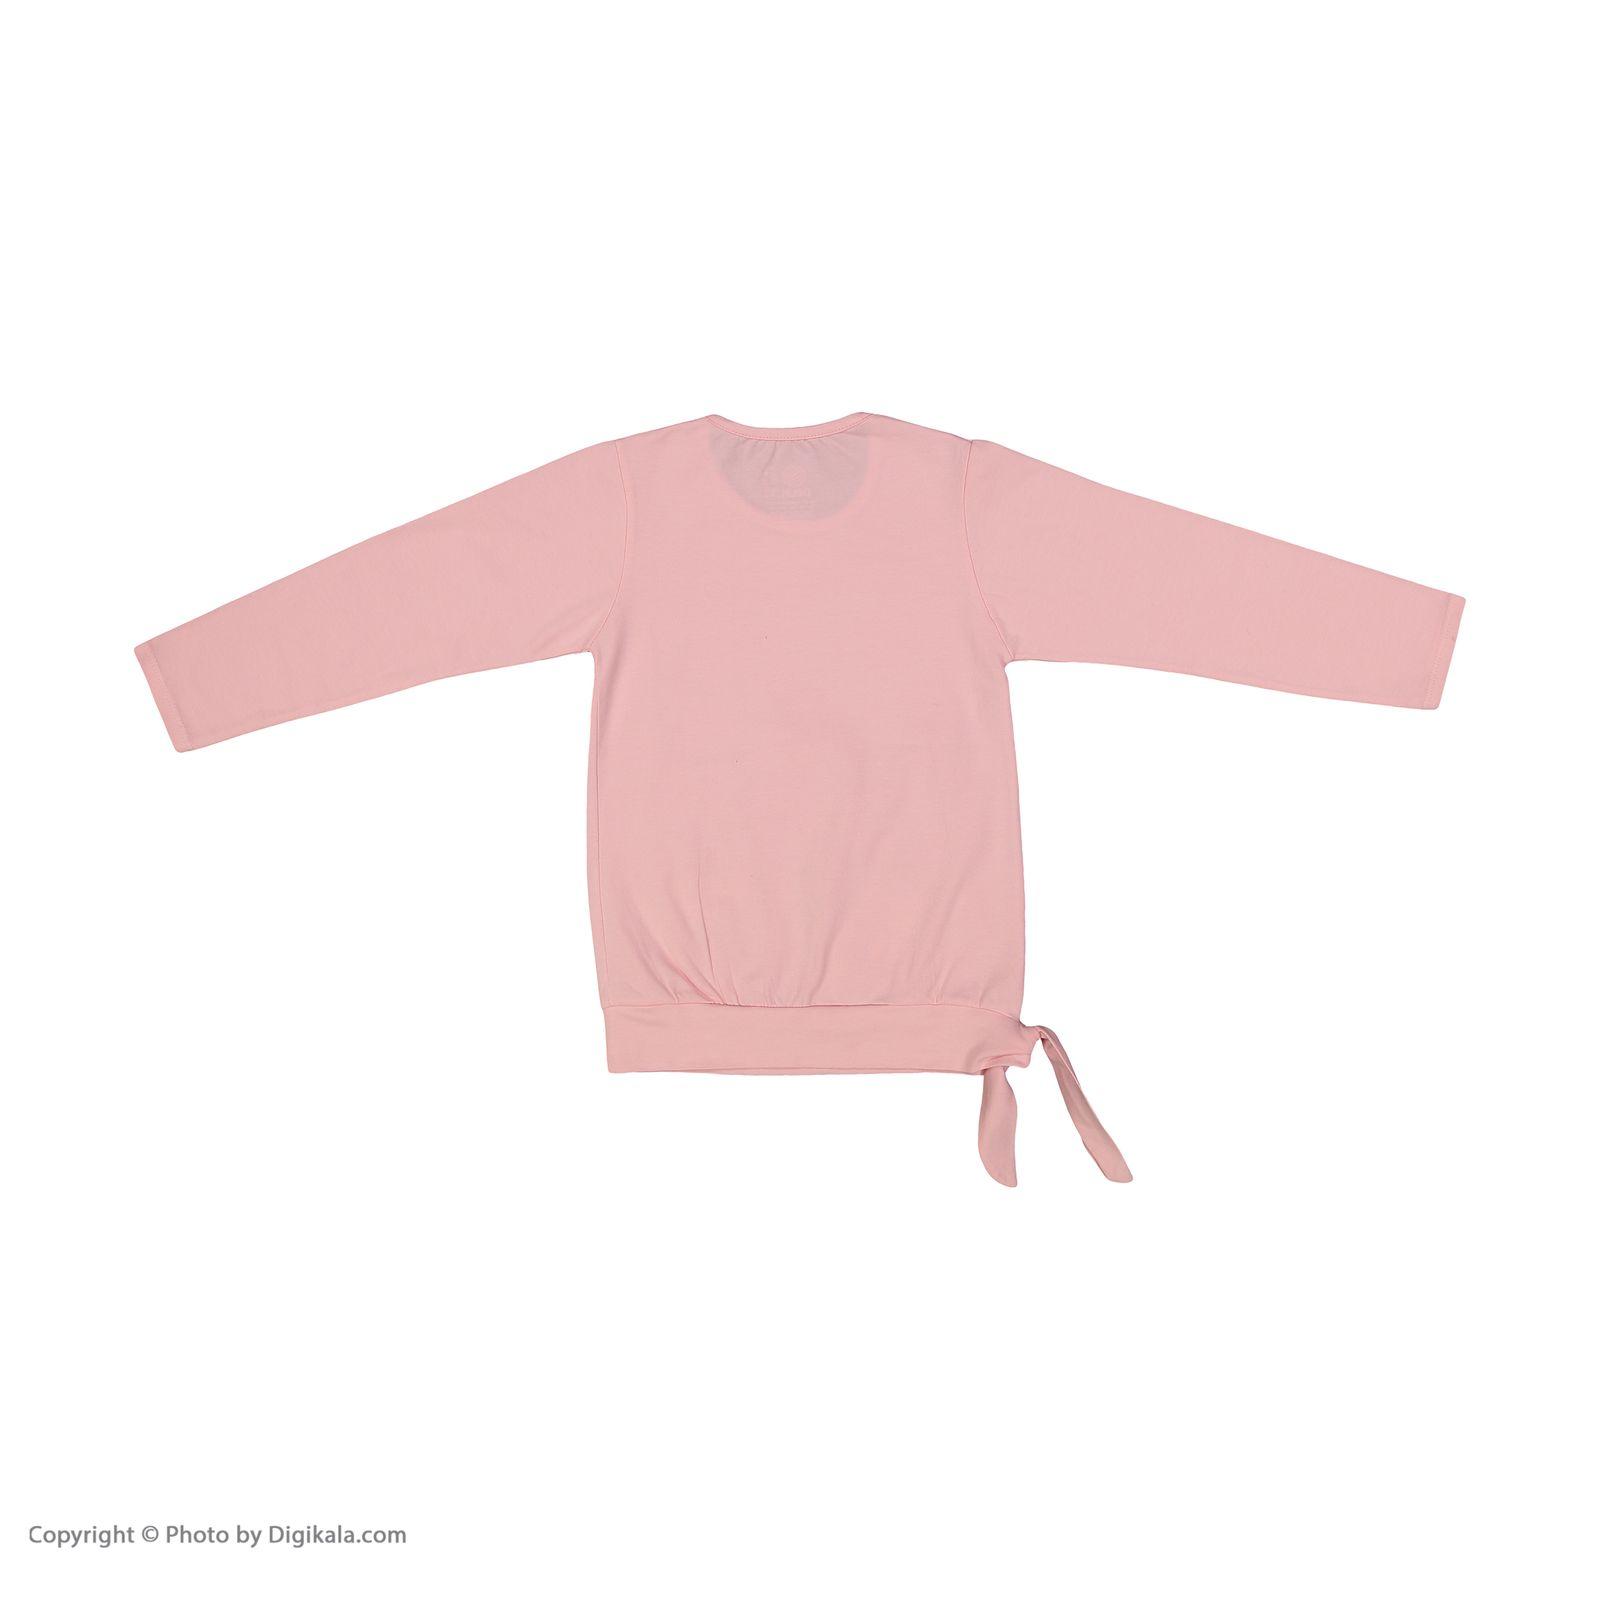 تی شرت دخترانه سون پون مدل 1391358-21 -  - 4